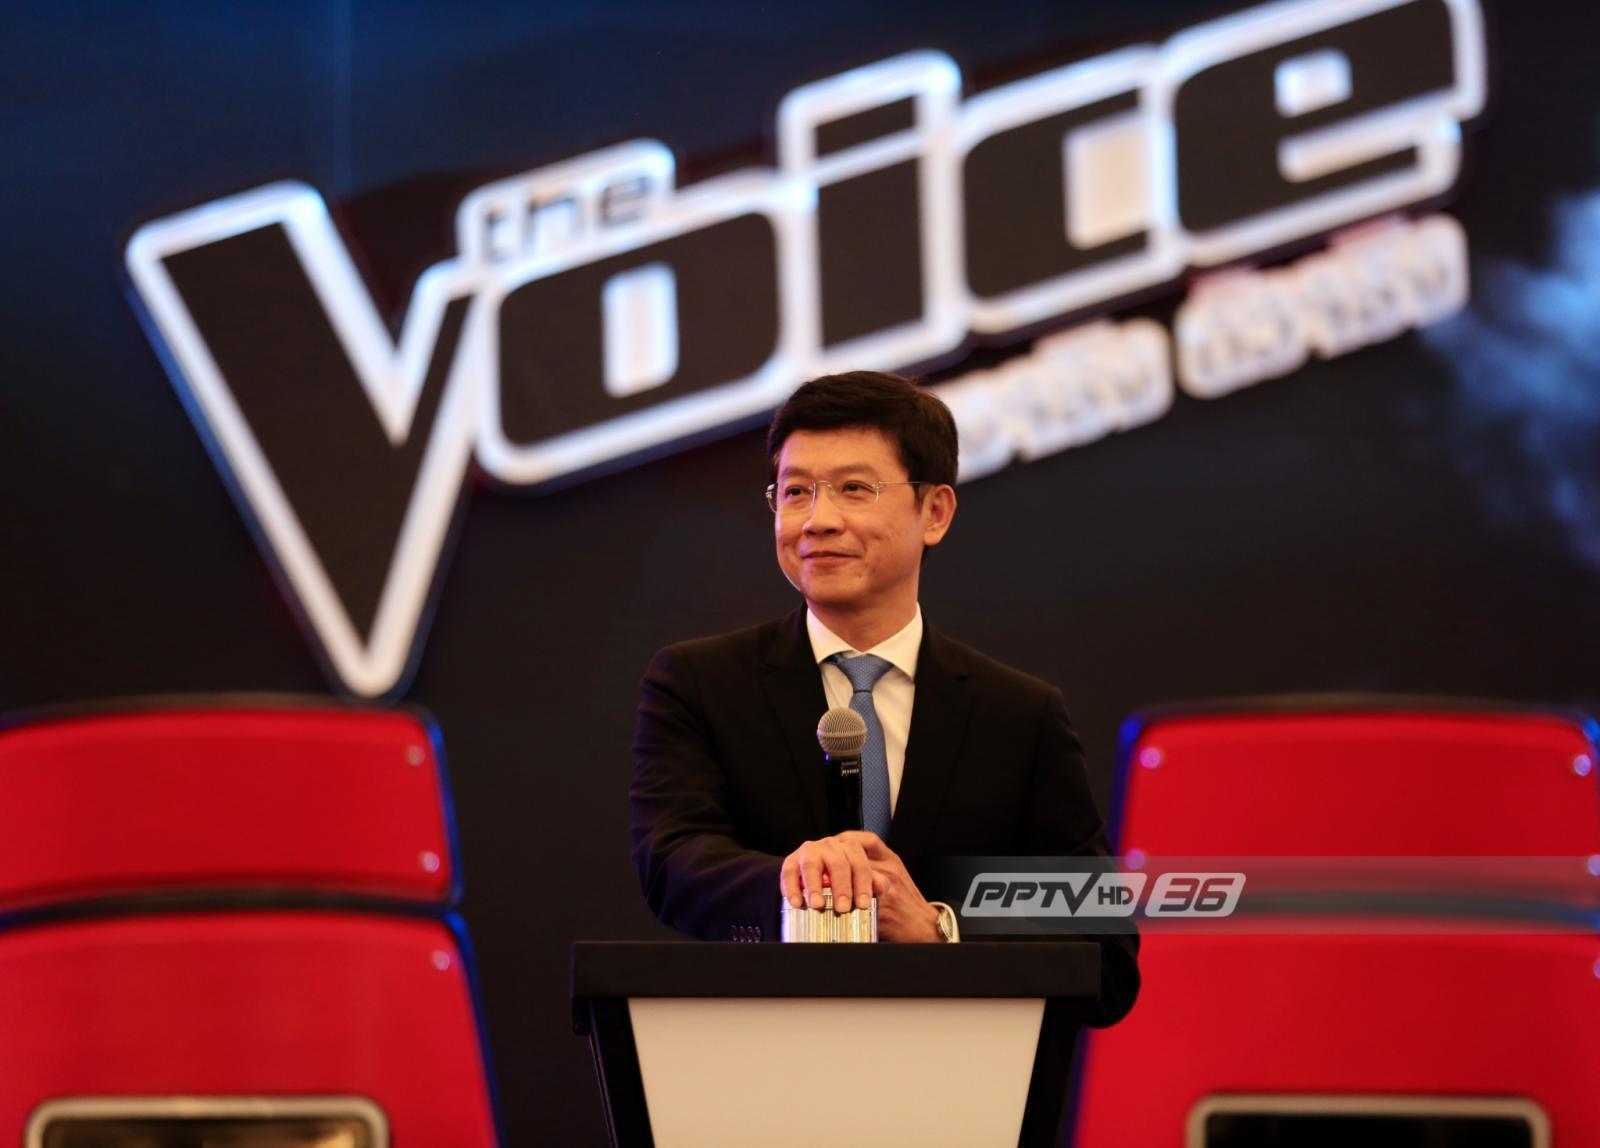 """The Voice 2018 คว้า """"ป๊อบ ปองกูล - เจนนิเฟอร์ คิ้ม""""  นั่งแท่นโค้ชใหม่!!"""